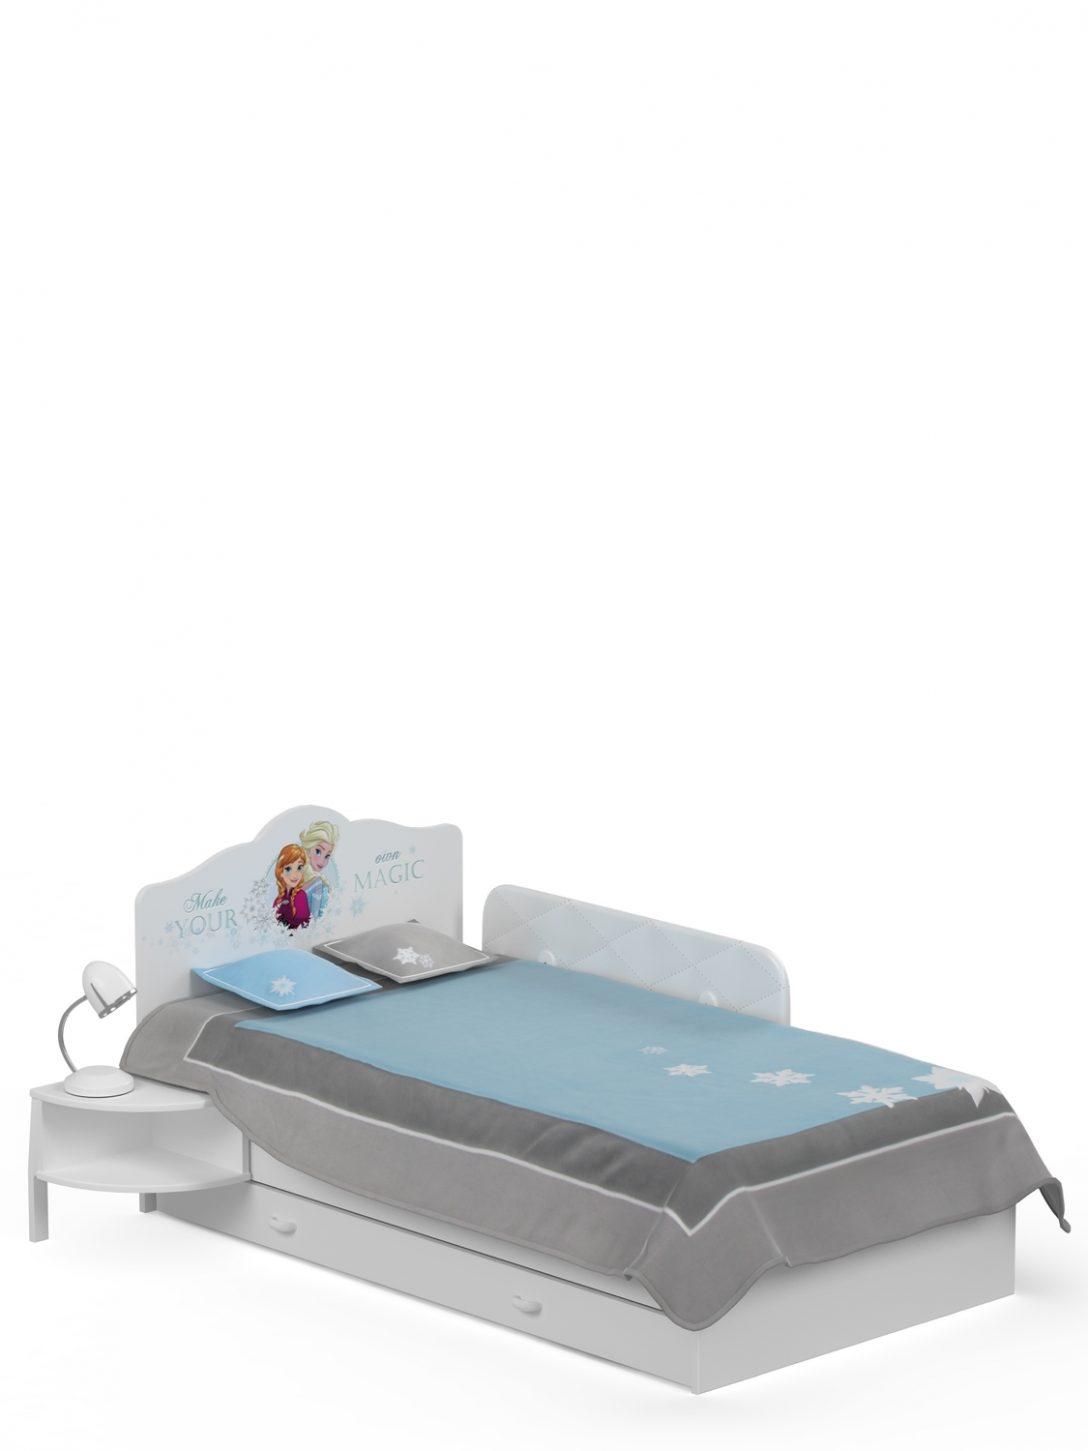 Large Size of Bett 120x190 Frozen Meblik Kleinkind Podest Schlicht Günstig Kaufen Romantisches Schutzgitter Flexa Betten Ausklappbares 220 X Steens Bett Bett 120x190